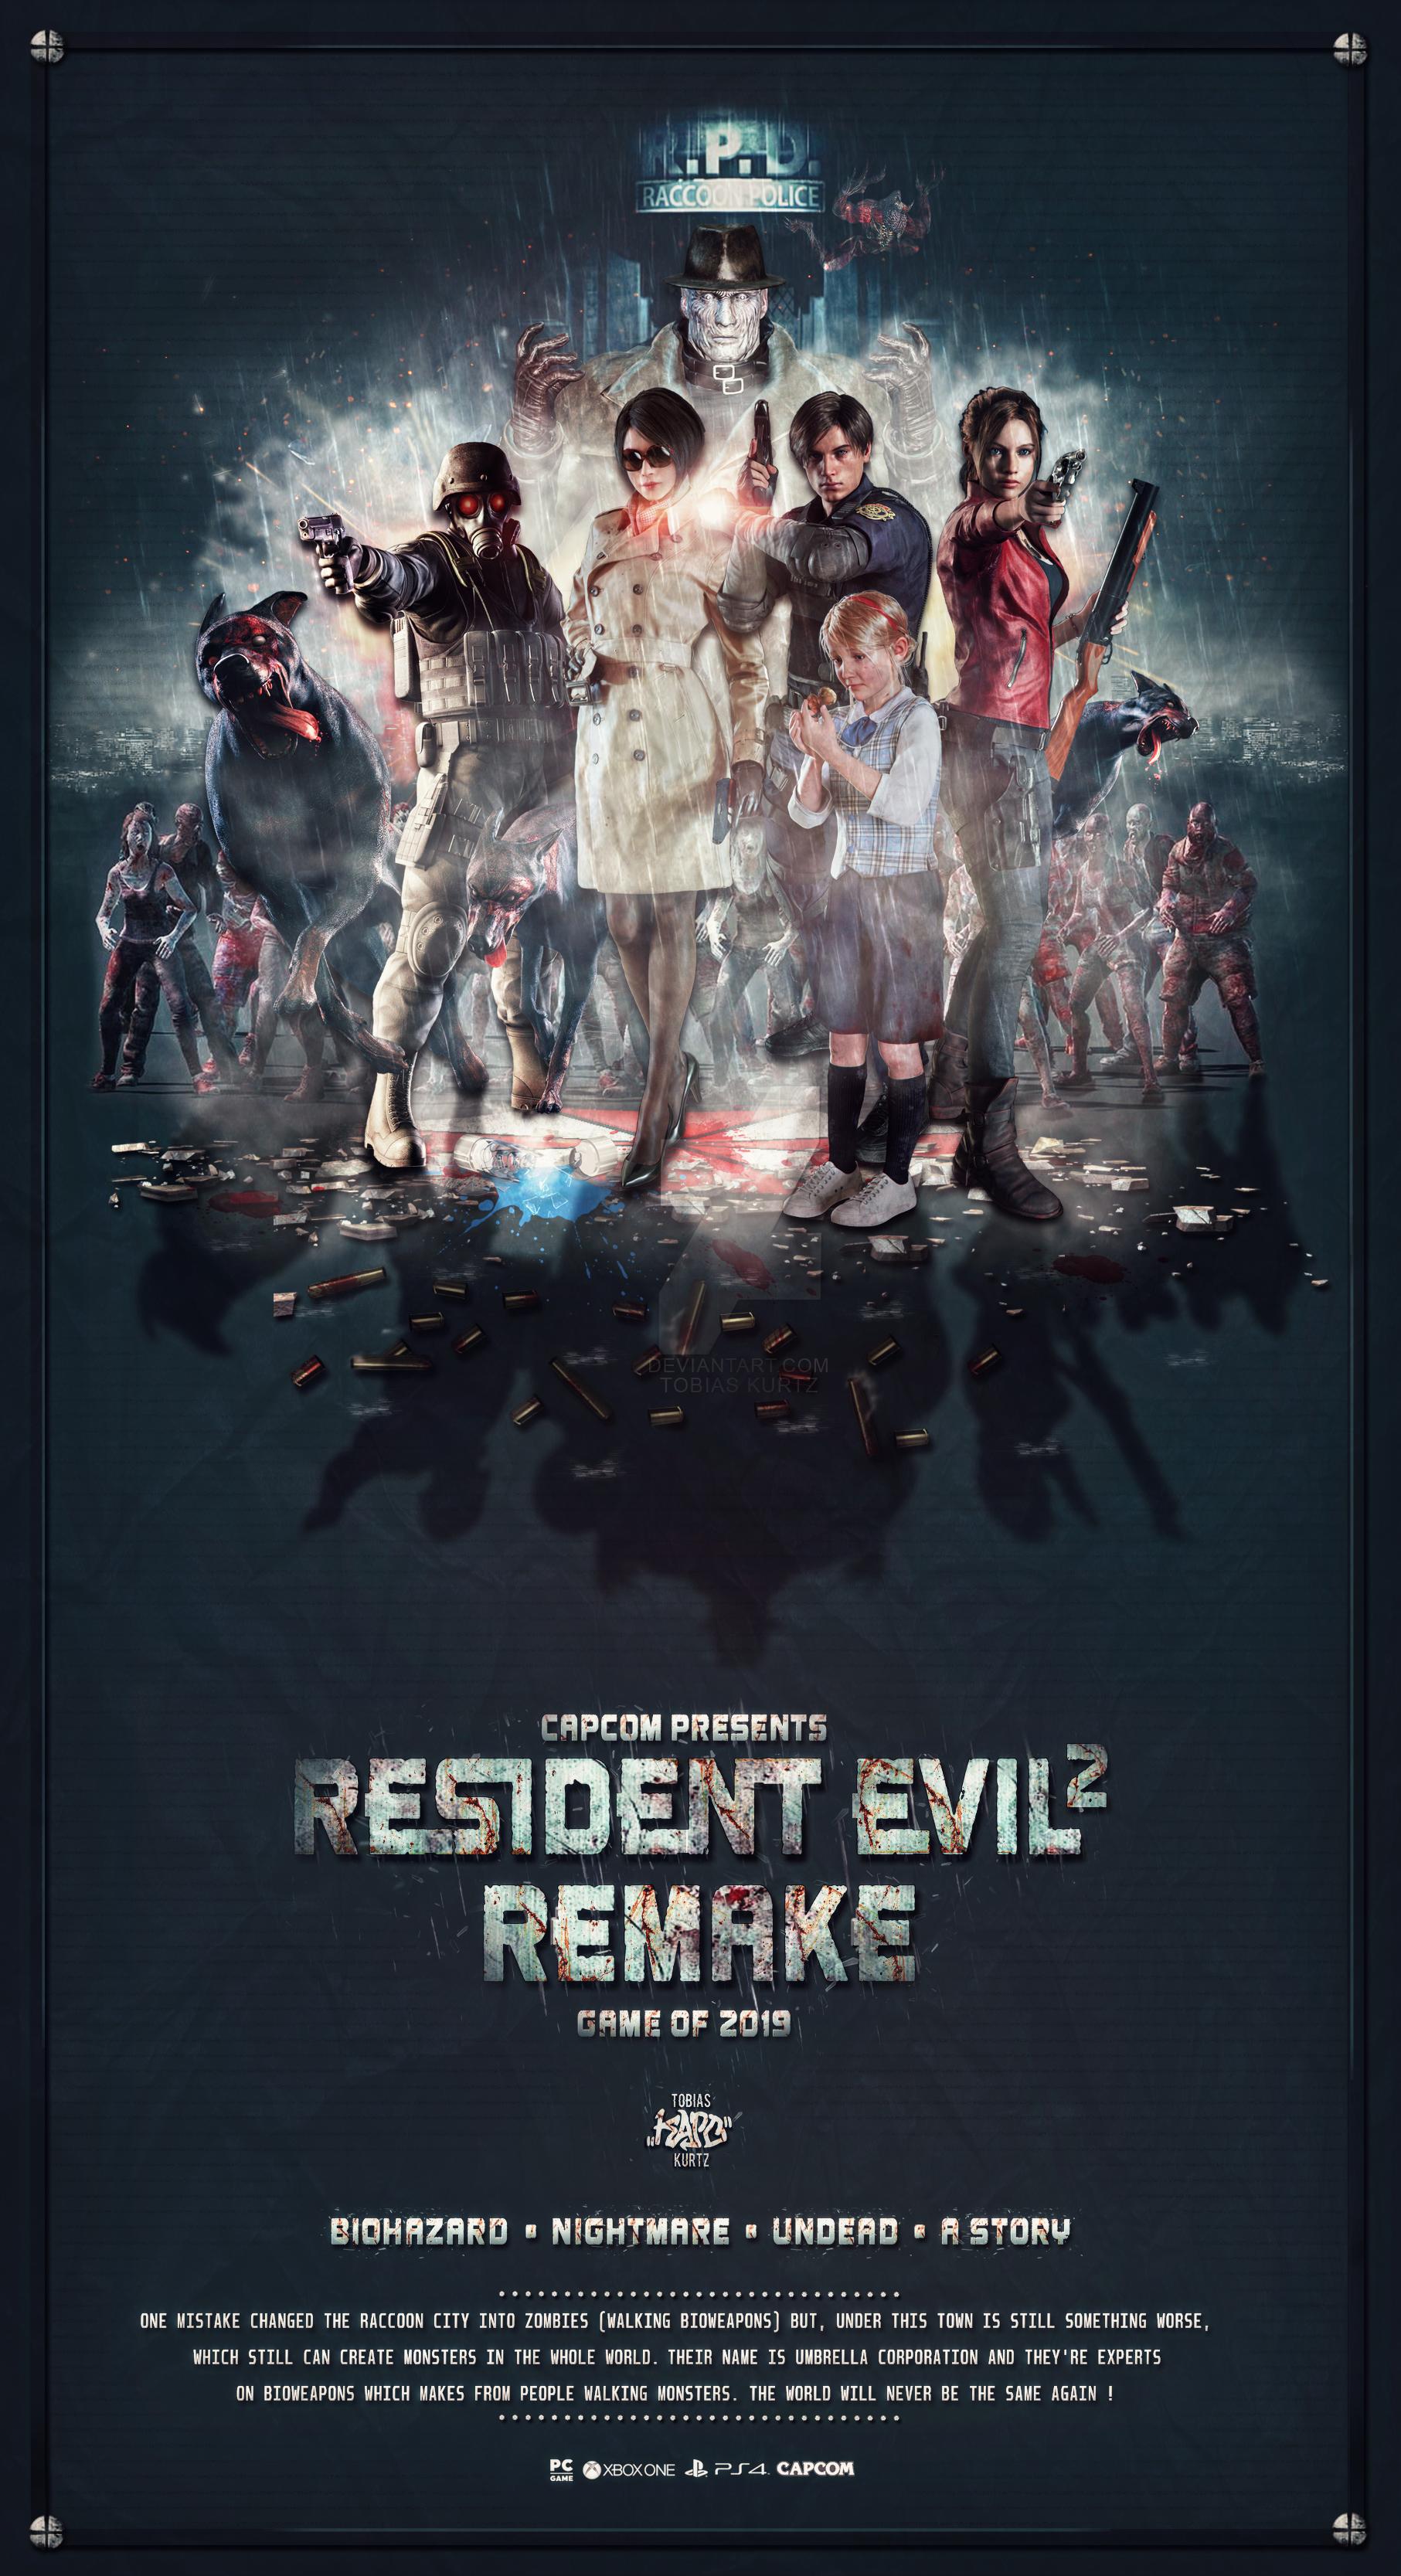 Resident Evil 2 Remake Poster By Kapo Neu On Deviantart